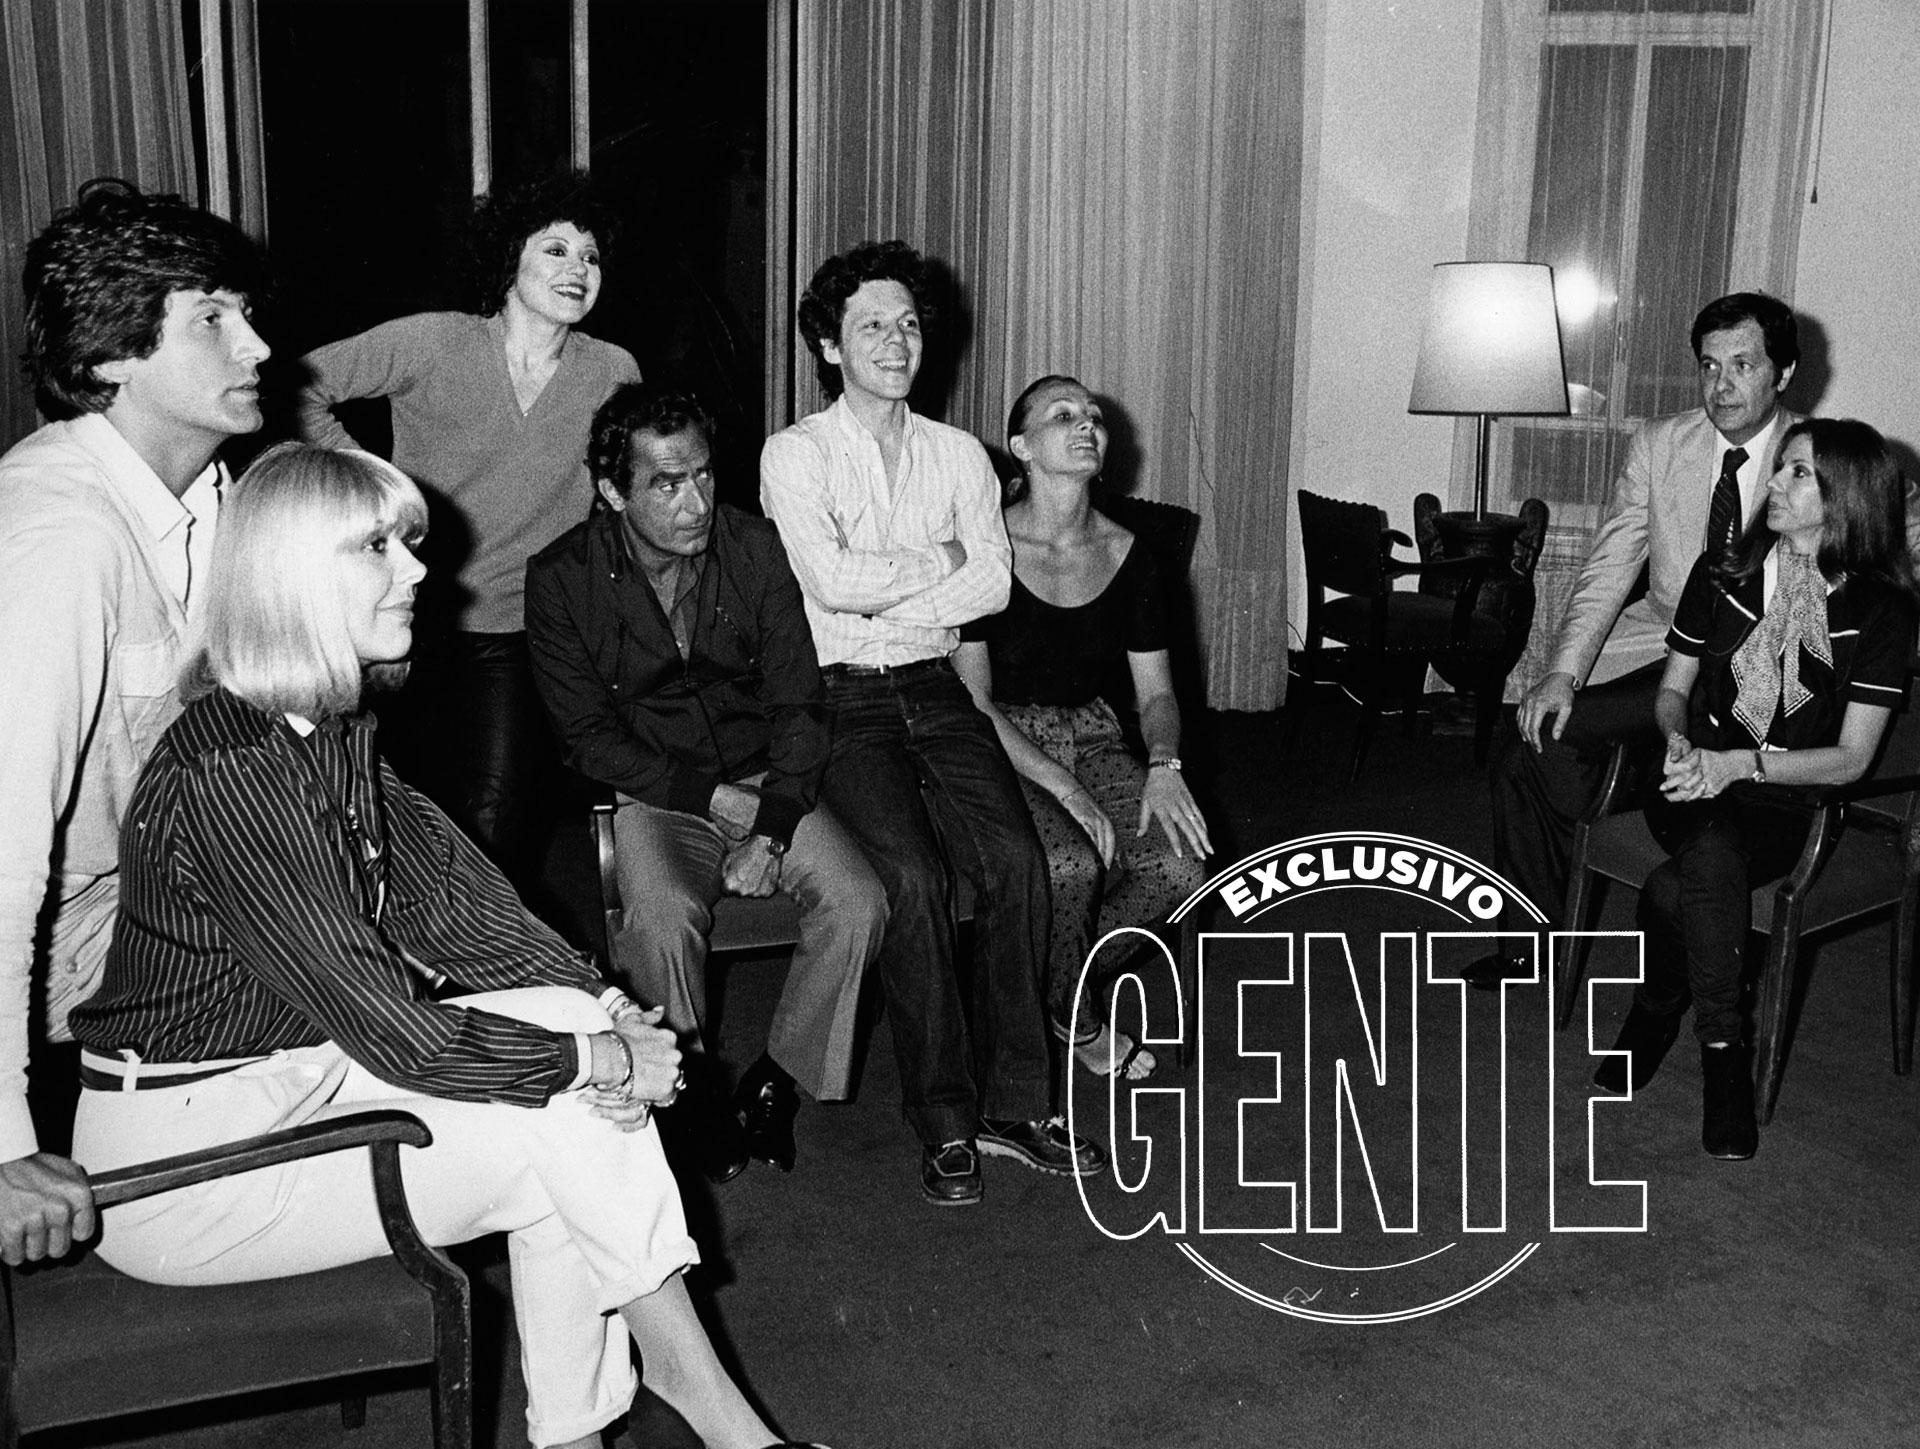 Más amigos. Carlos Calvo, Juan Carlos Calabró, Nora Cárpena, Guillermo Bredeston y Patricia Dal. (Foto archivo GENTE)